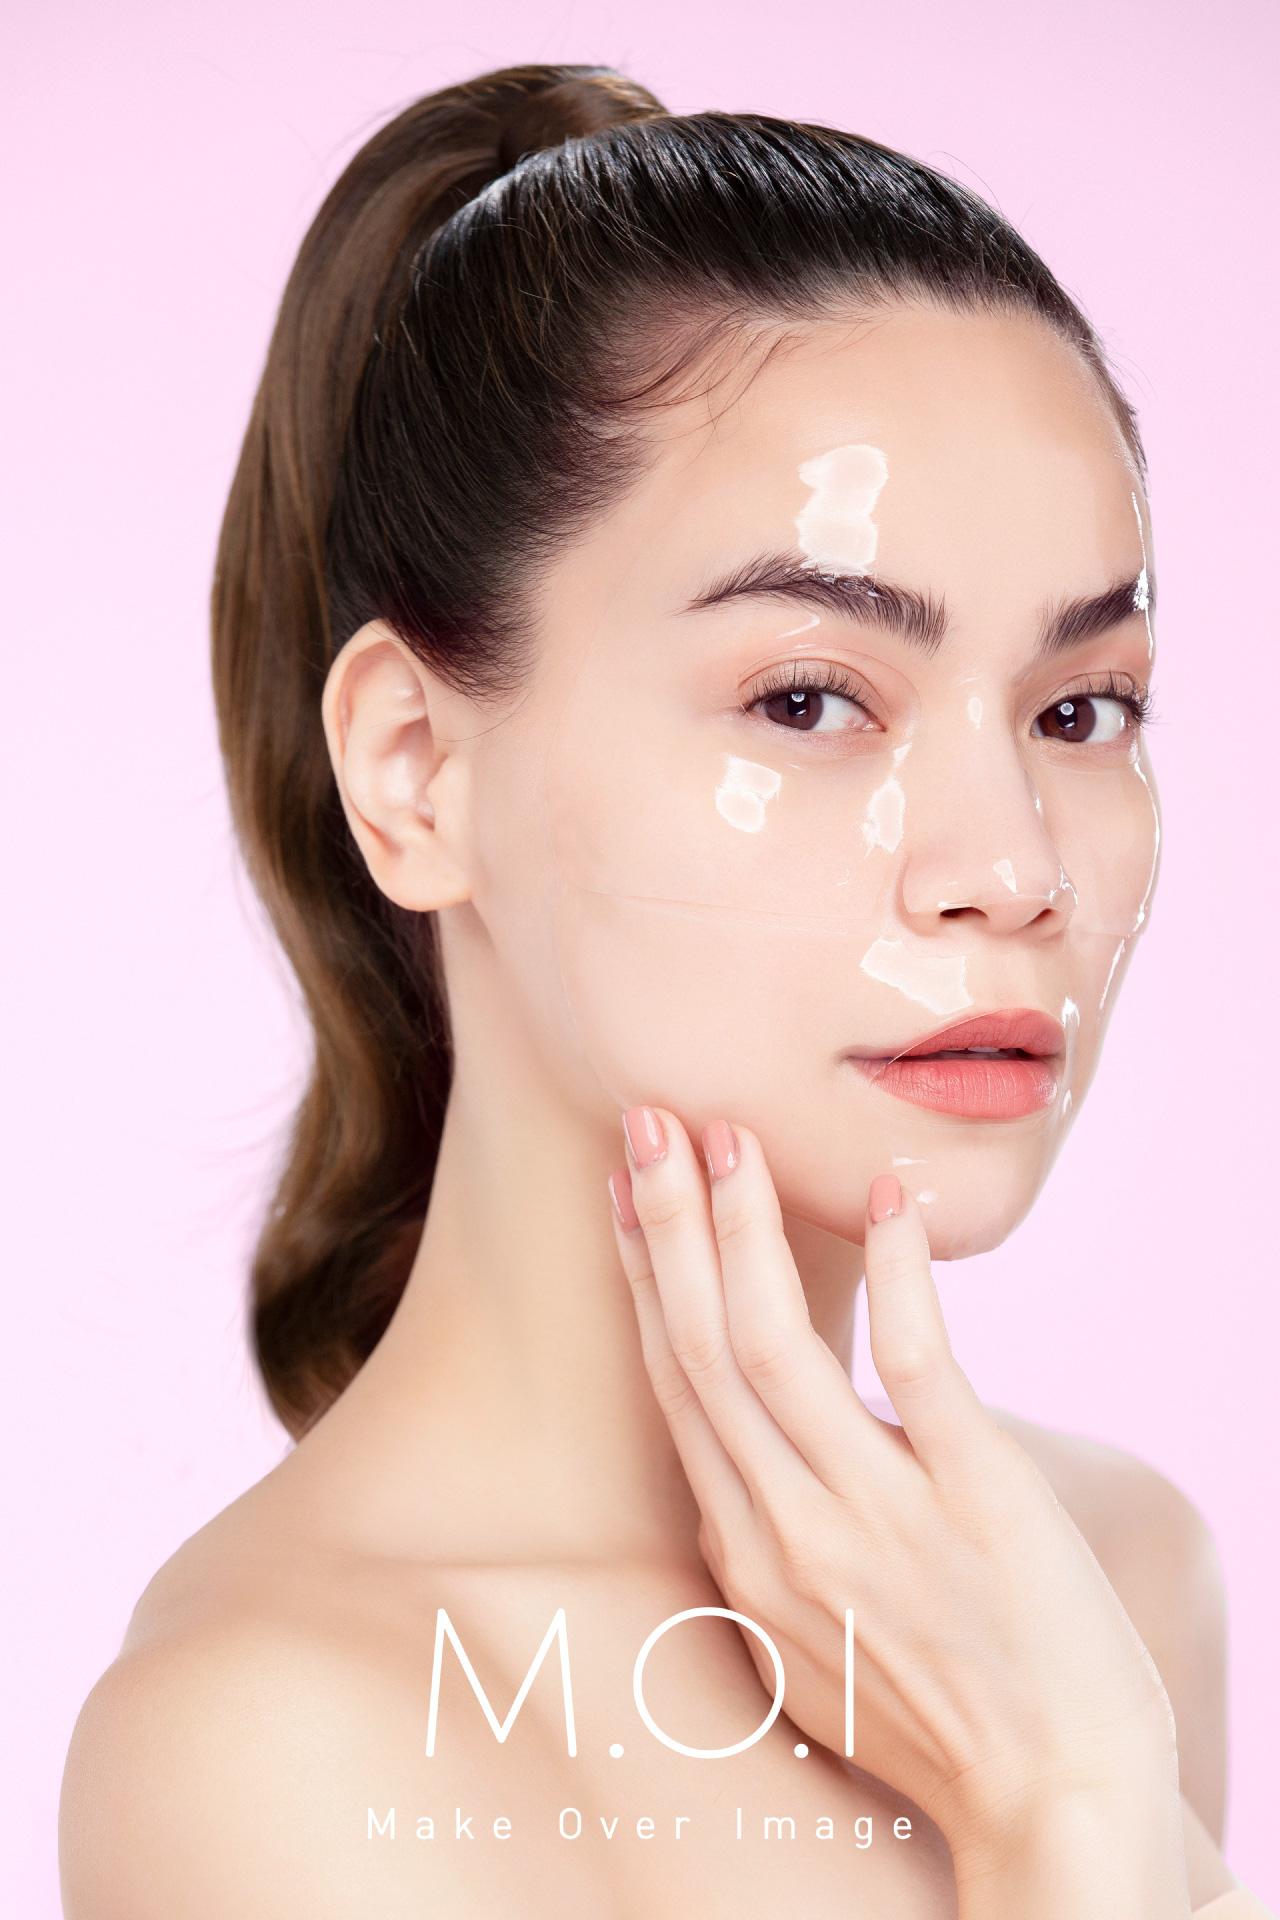 Ơn giời M.O.I Cosmetics cuối cùng cũng đã chịu ra mắt sản phẩm skincare, lấy lòng các tín đồ vì da nào dùng cũng hợp - Ảnh 3.